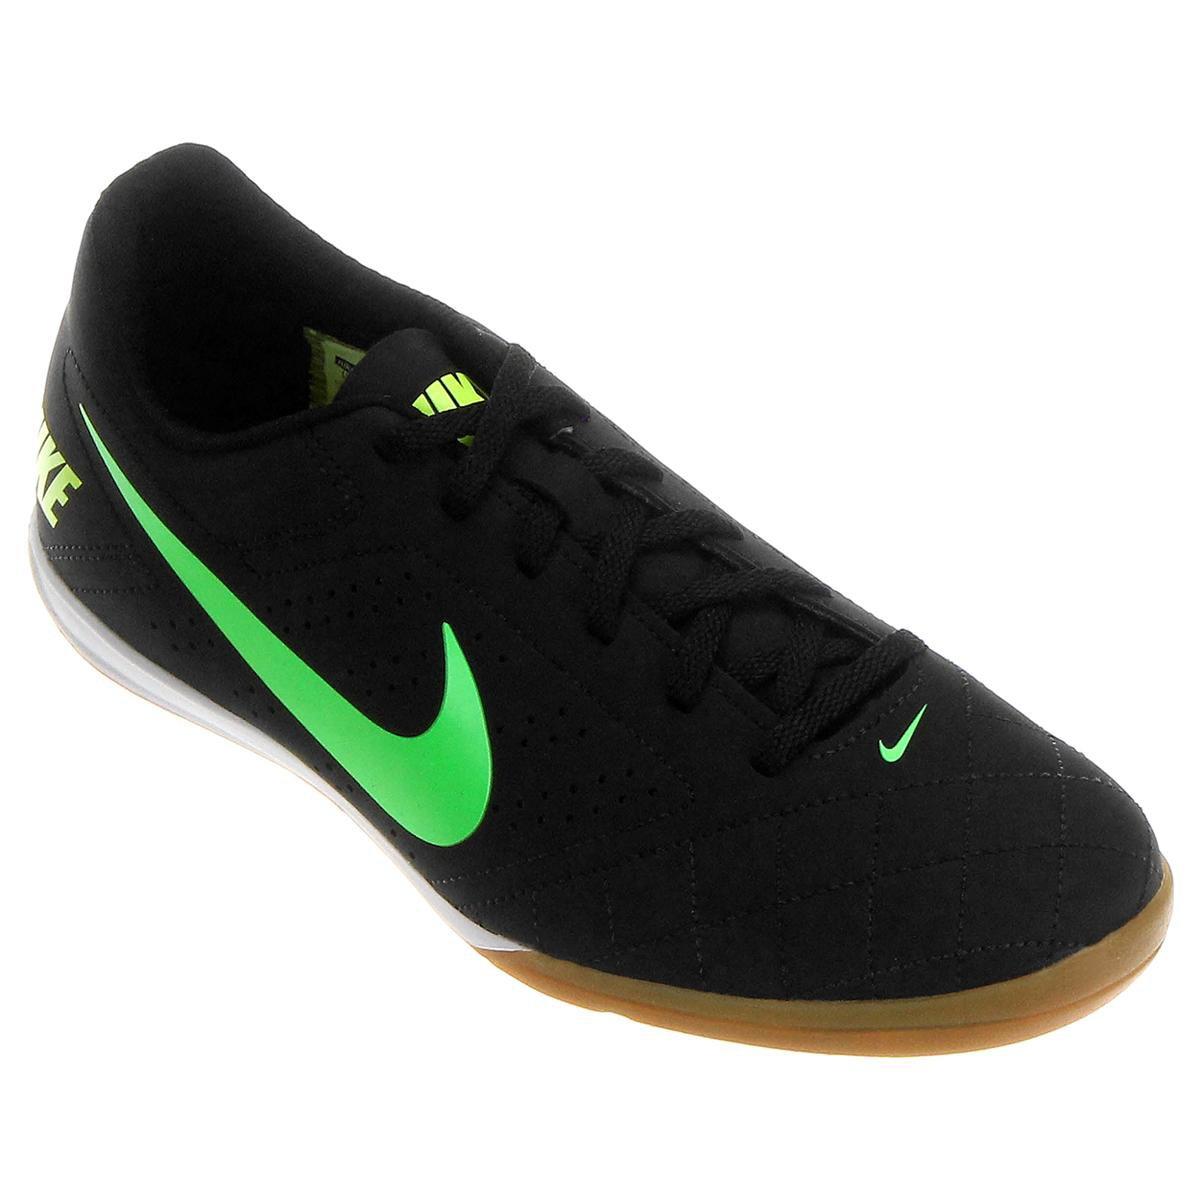 Chuteira Futsal Nike Beco 2 Masculina - Preto e Verde Limão